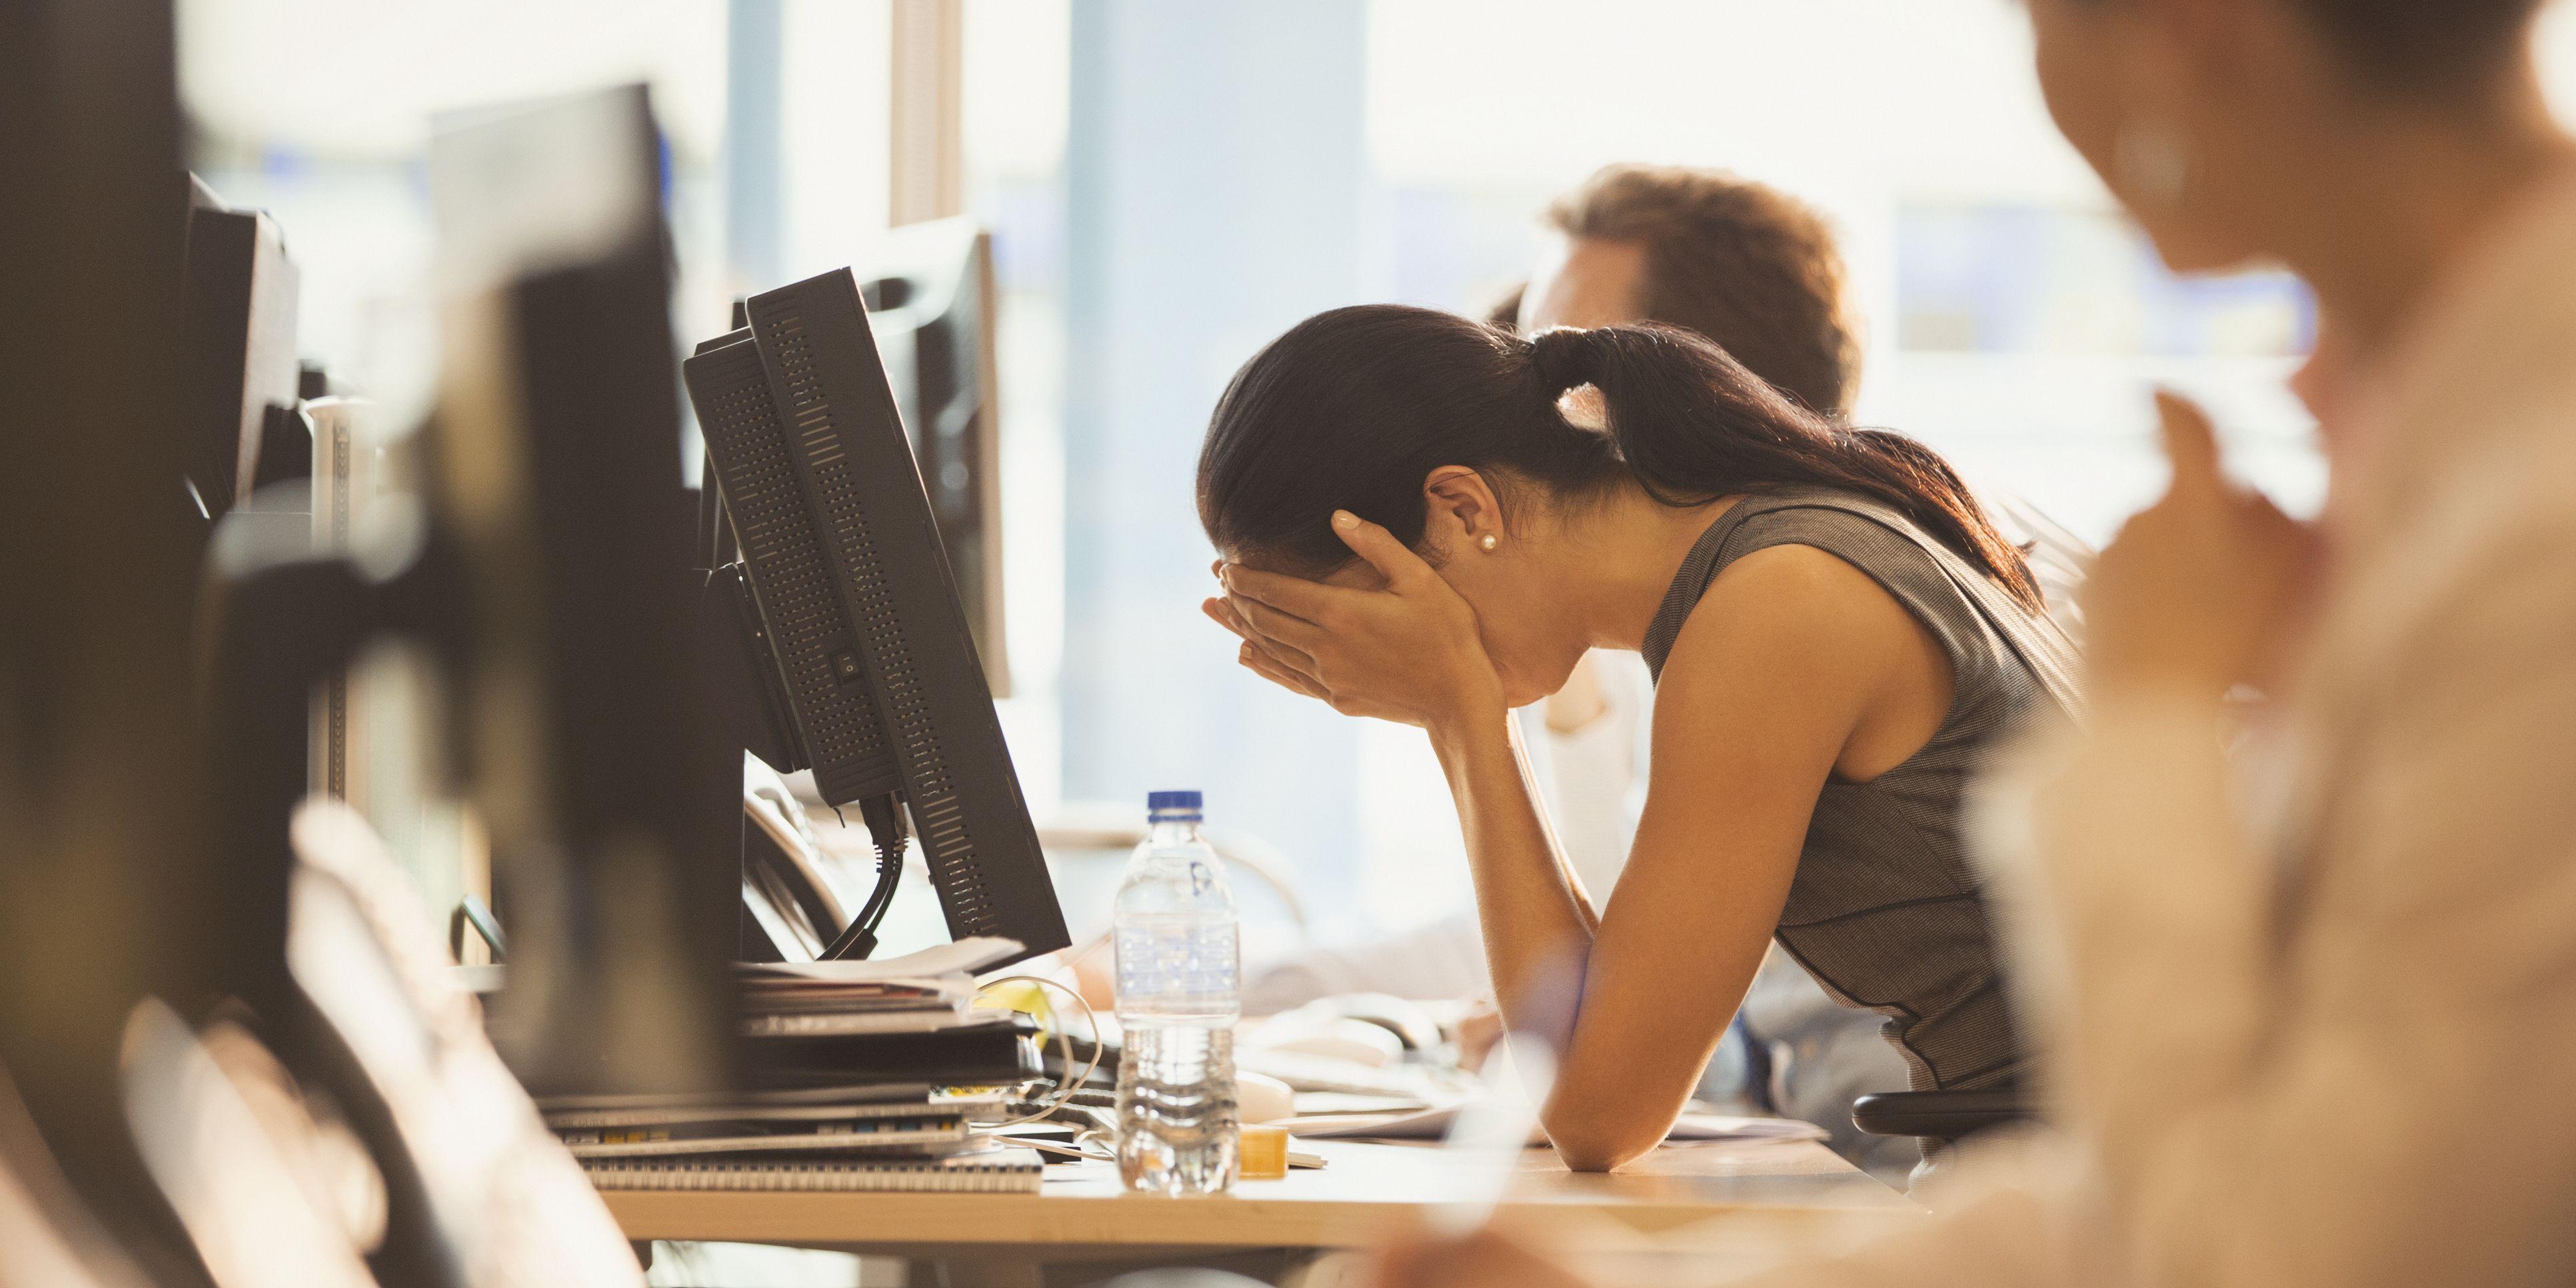 Ученые придумали датчик отслеживания стресса